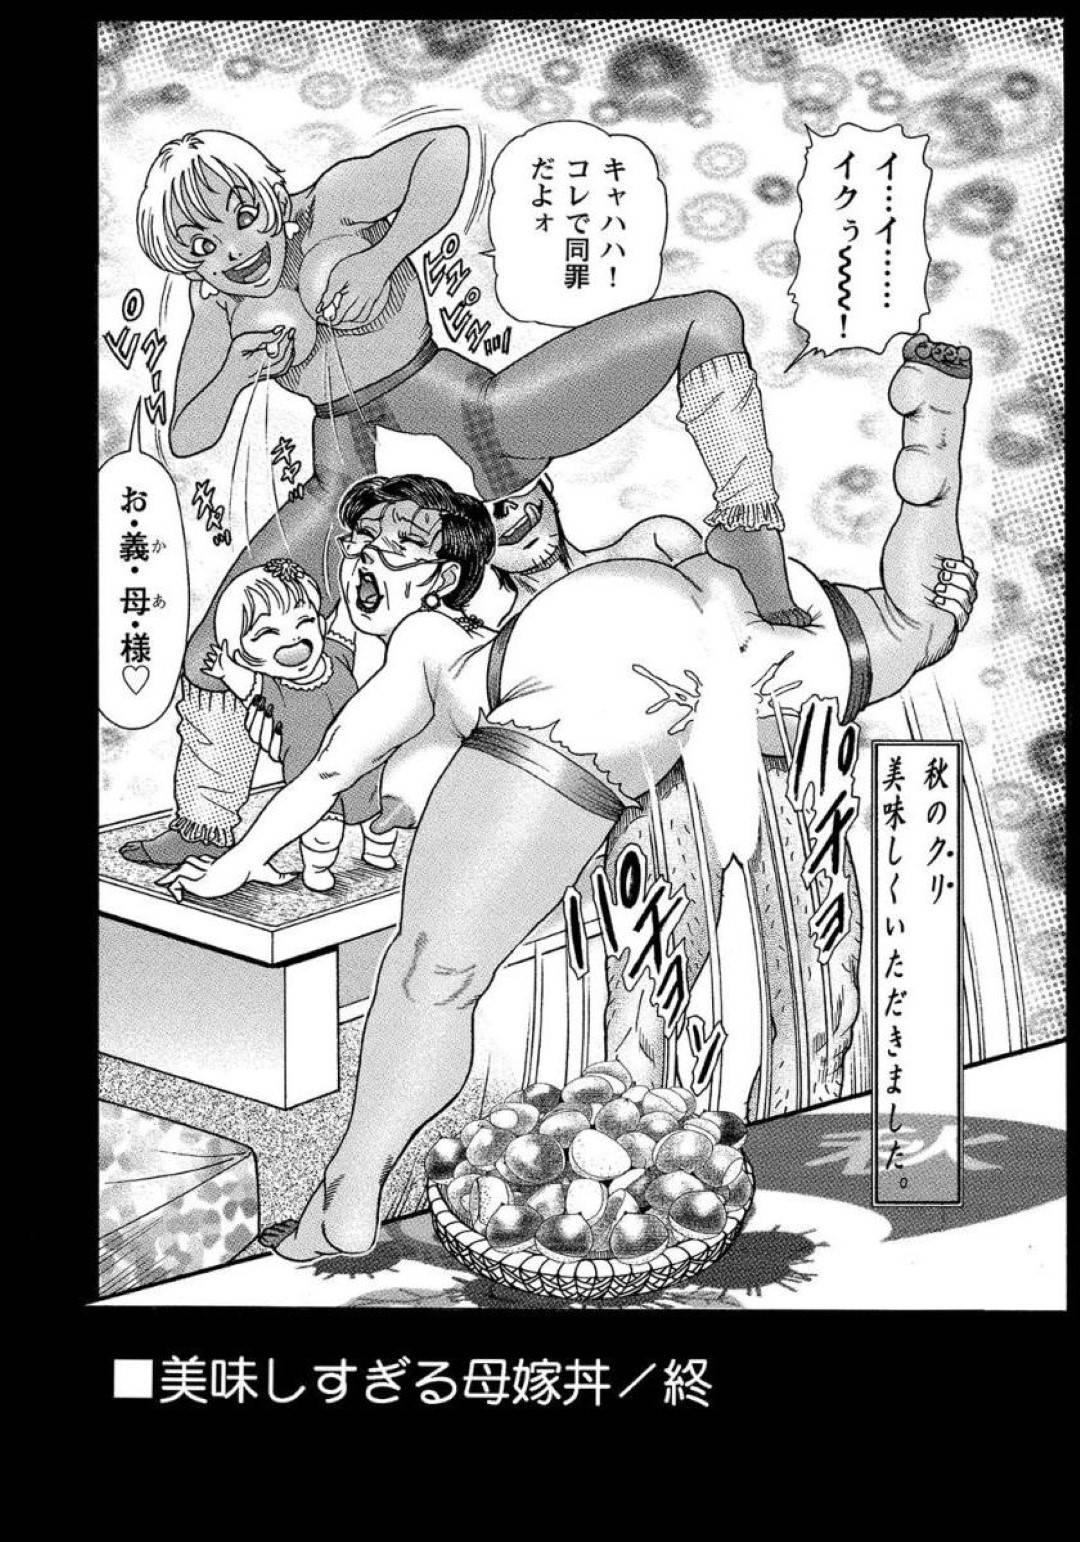 【エロ漫画】栗をご馳走してくれた男におっぱいを襲われちゃうヤンママ…母乳を出しながら乳首舐めされちゃってバックの中出しセックスでトロ顔になっちゃう!【むら・むら: 美味すぎる母嫁丼】